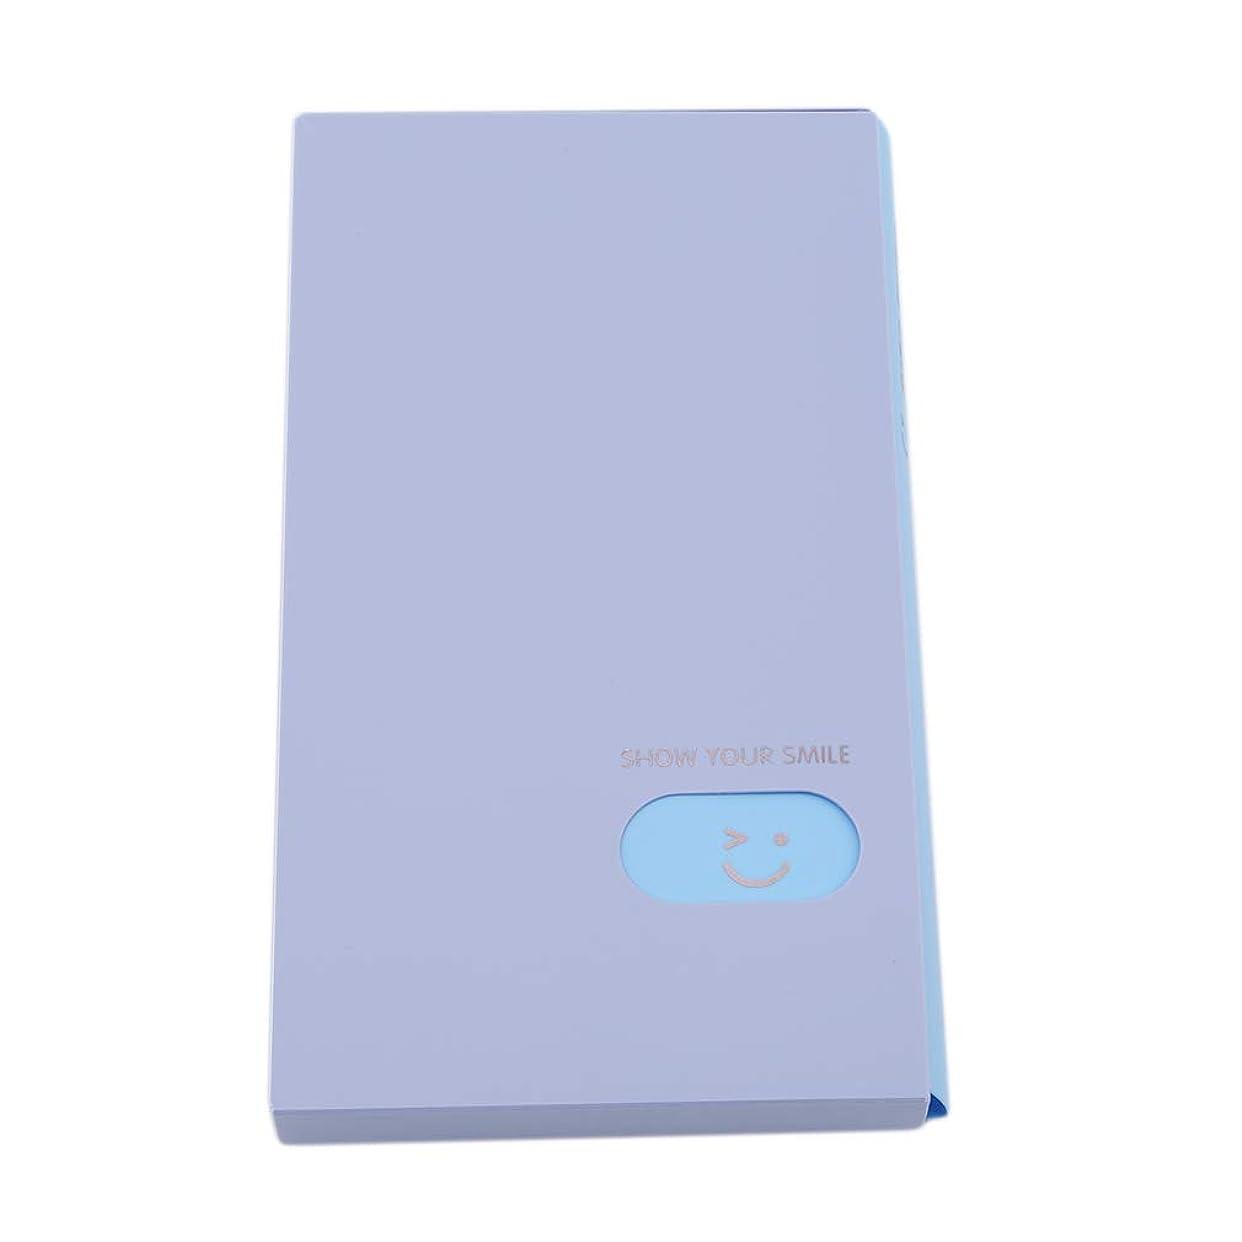 覗く曲パスタBEE&BLUE 通帳ケース カードケース カード入れ 名刺入れ 大容量 磁気防止 大容量 薄型 メンズ 男女兼用 120枚